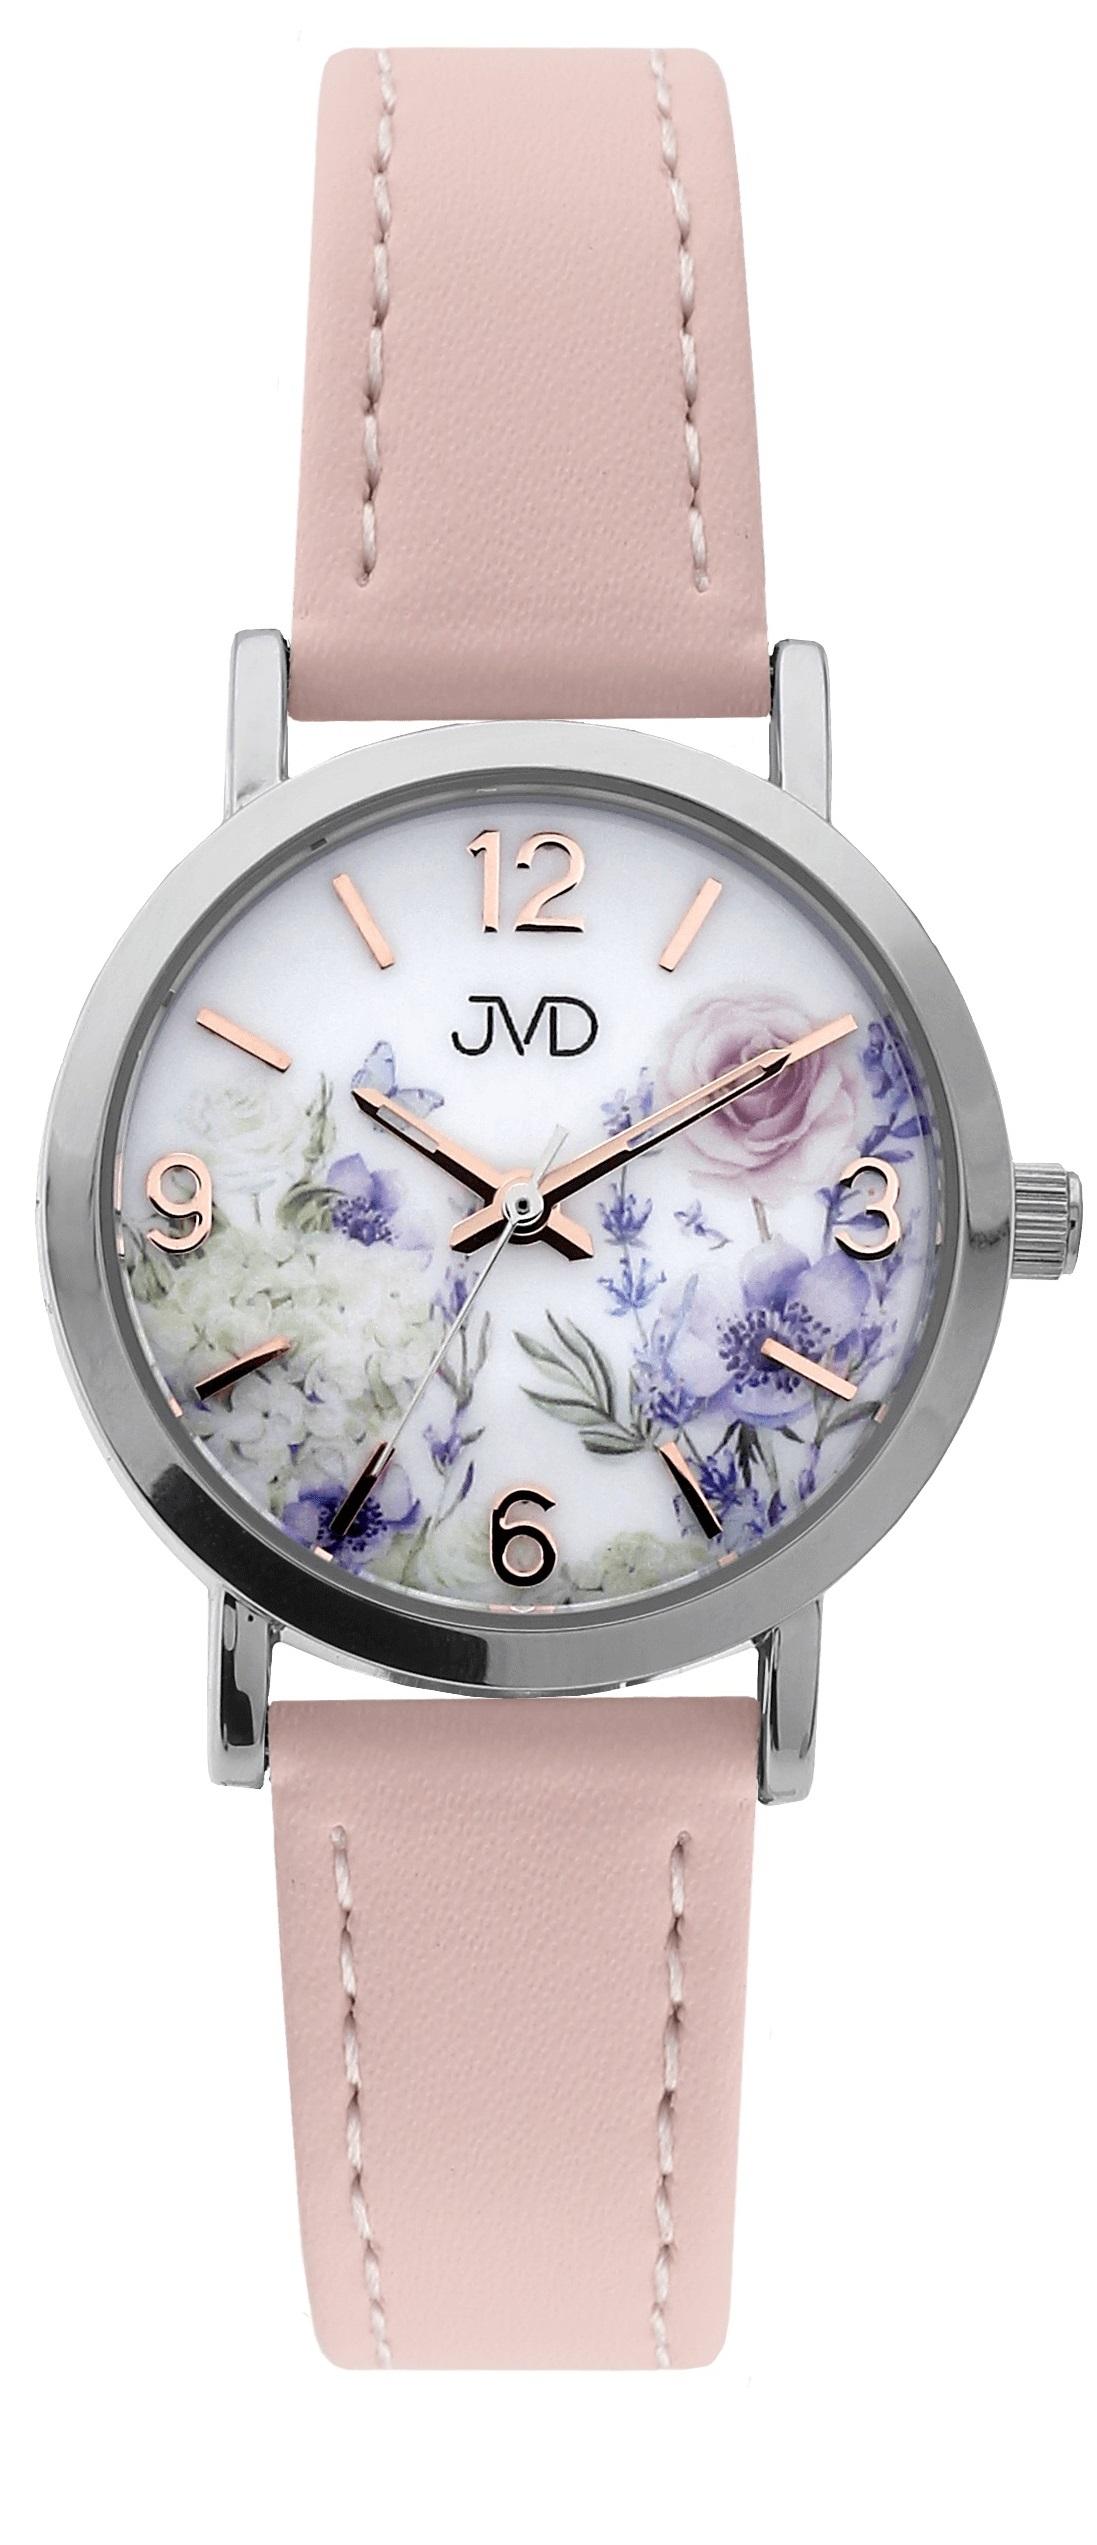 Dětské dívčí přehledné náramkové hodinky JVD J7184.3